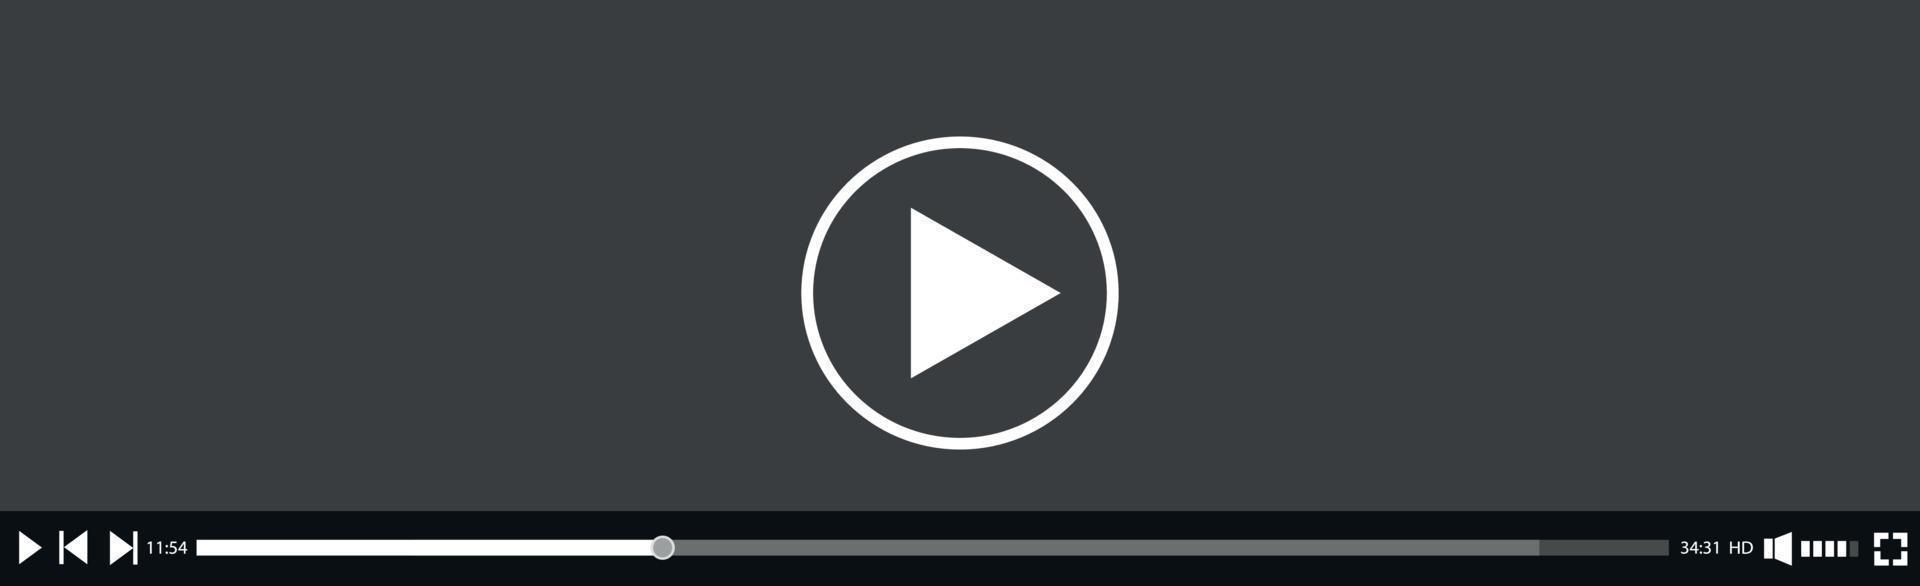 modelo de interface de player de mídia e vídeo - vetor